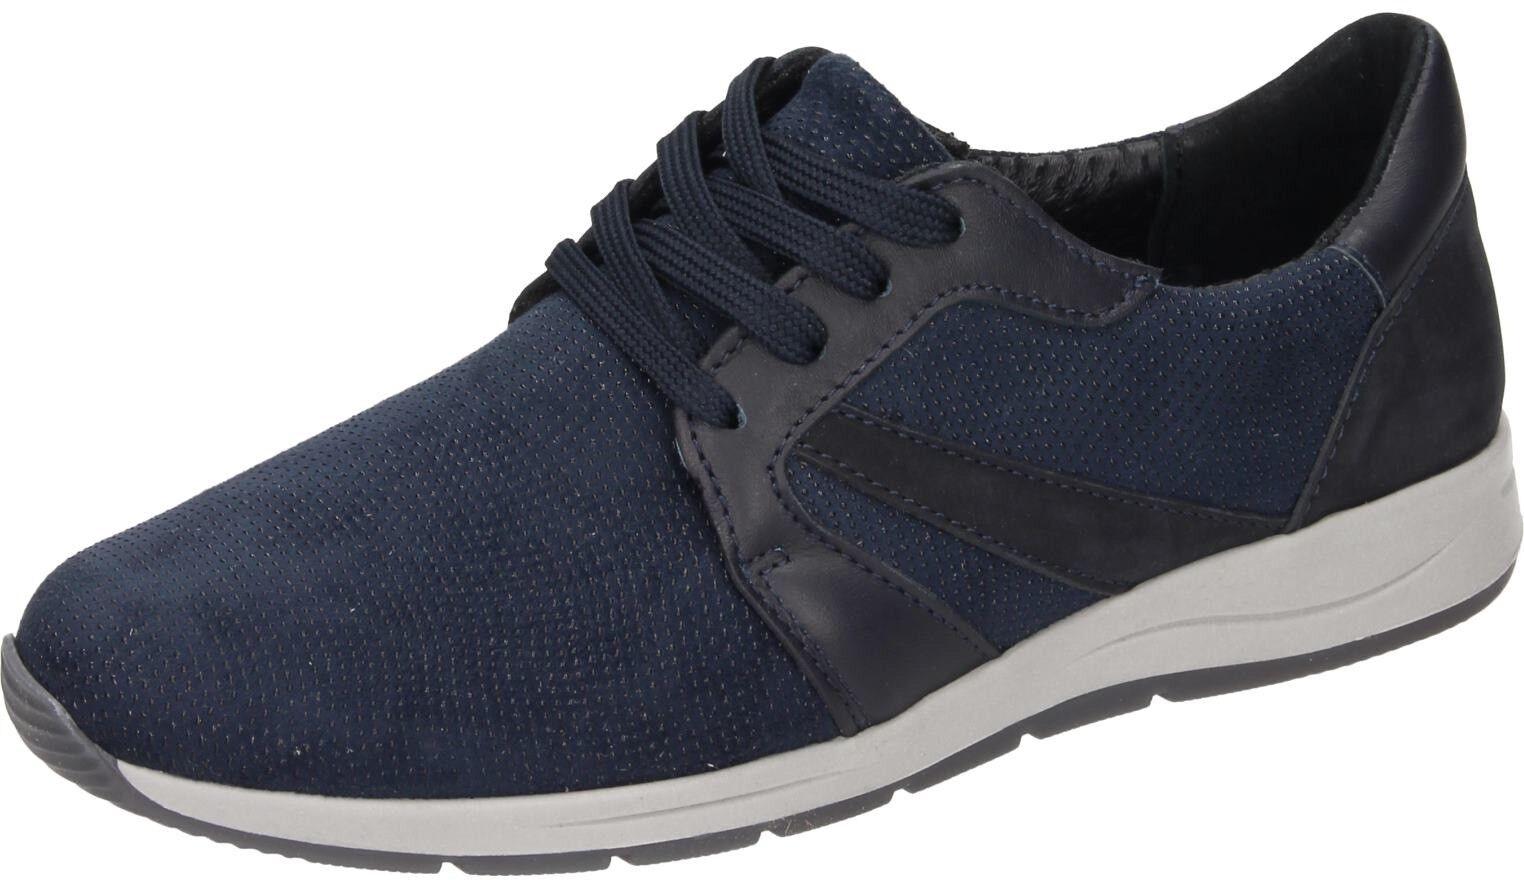 Comfortabel Damen Schuhe Damen-Schnürer - G blau Stretch 950878